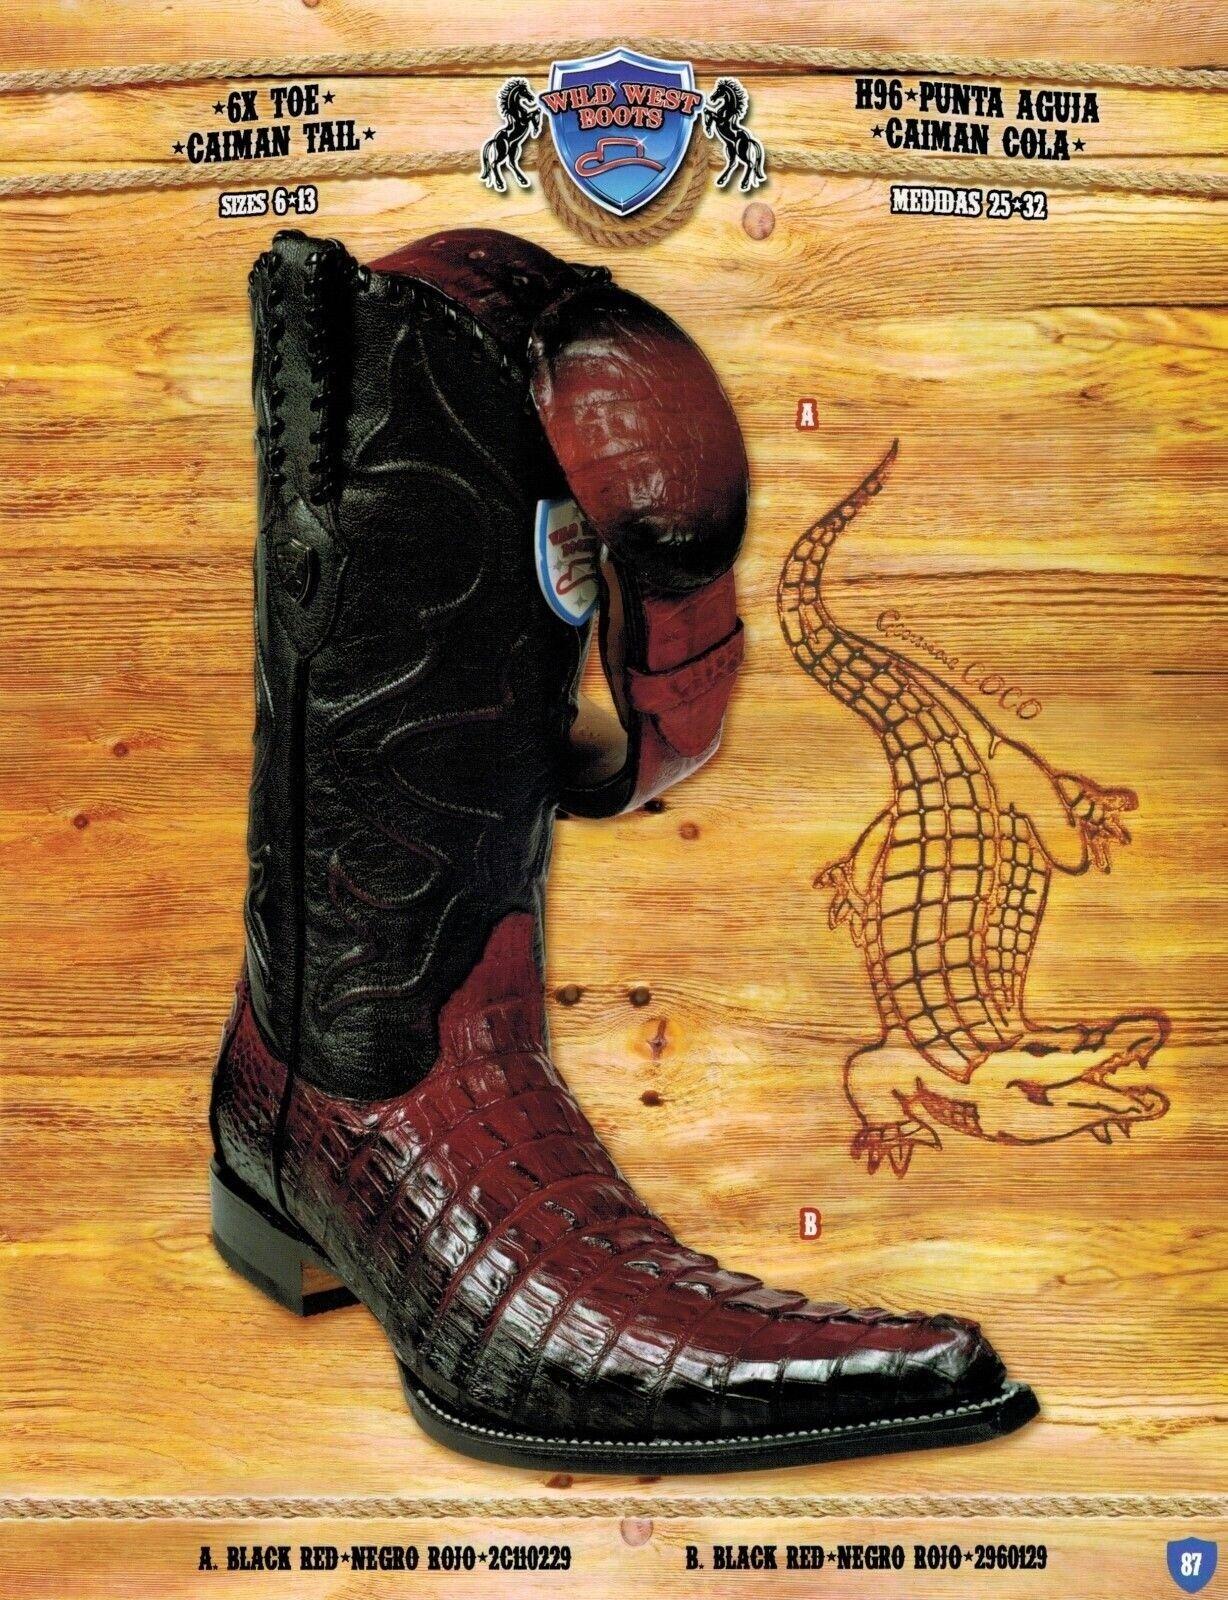 vieni a scegliere il tuo stile sportivo Wild West Uomo 6x-toe Caimano Coda Cowboy Stivali W W W Cintura  grande vendita